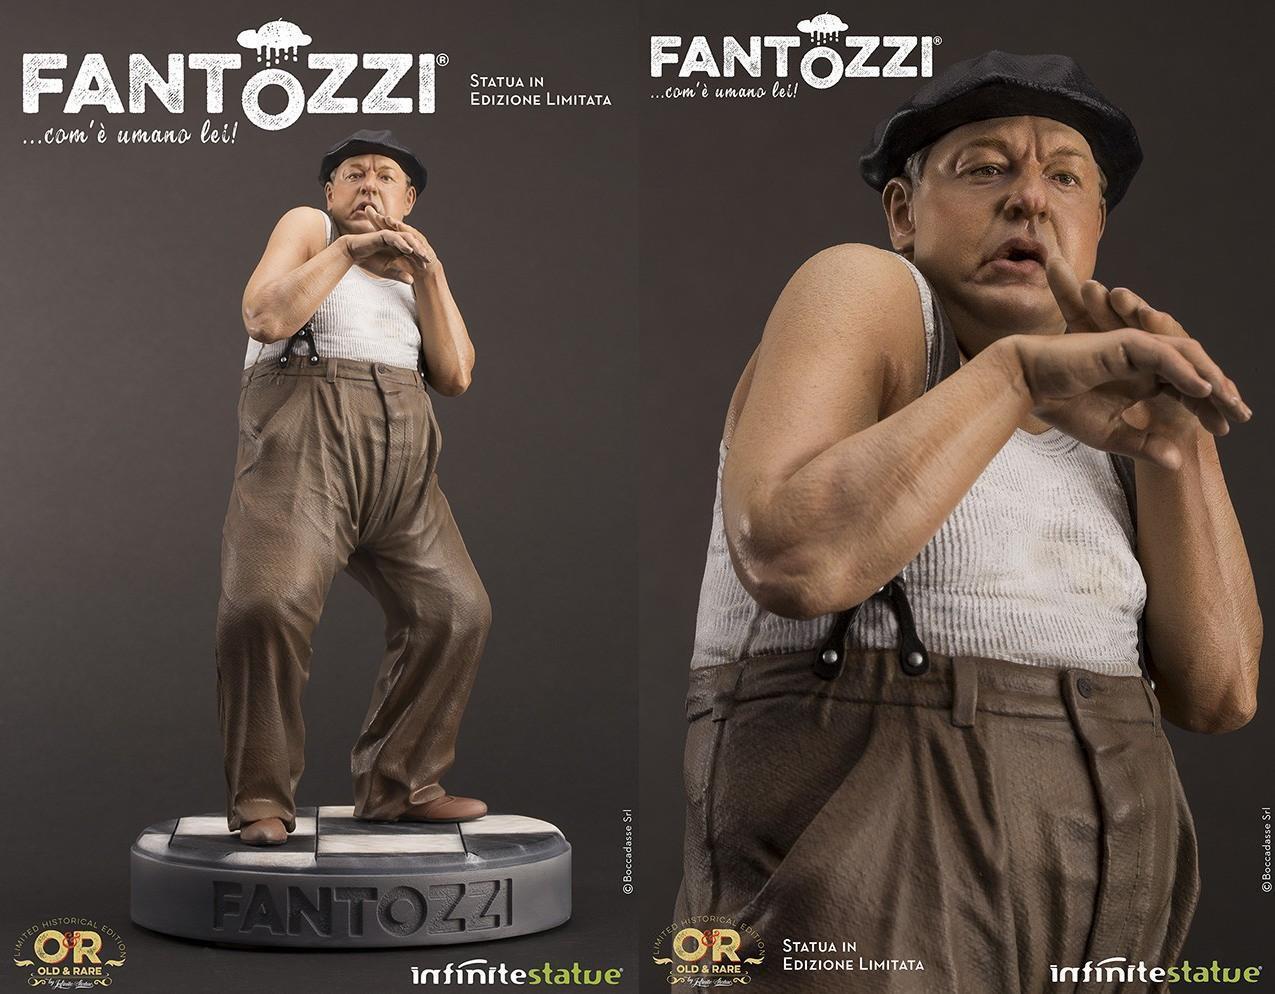 -=] INFINITE - Fantozzi Paolo Villaggio Old & Rare statua [=-